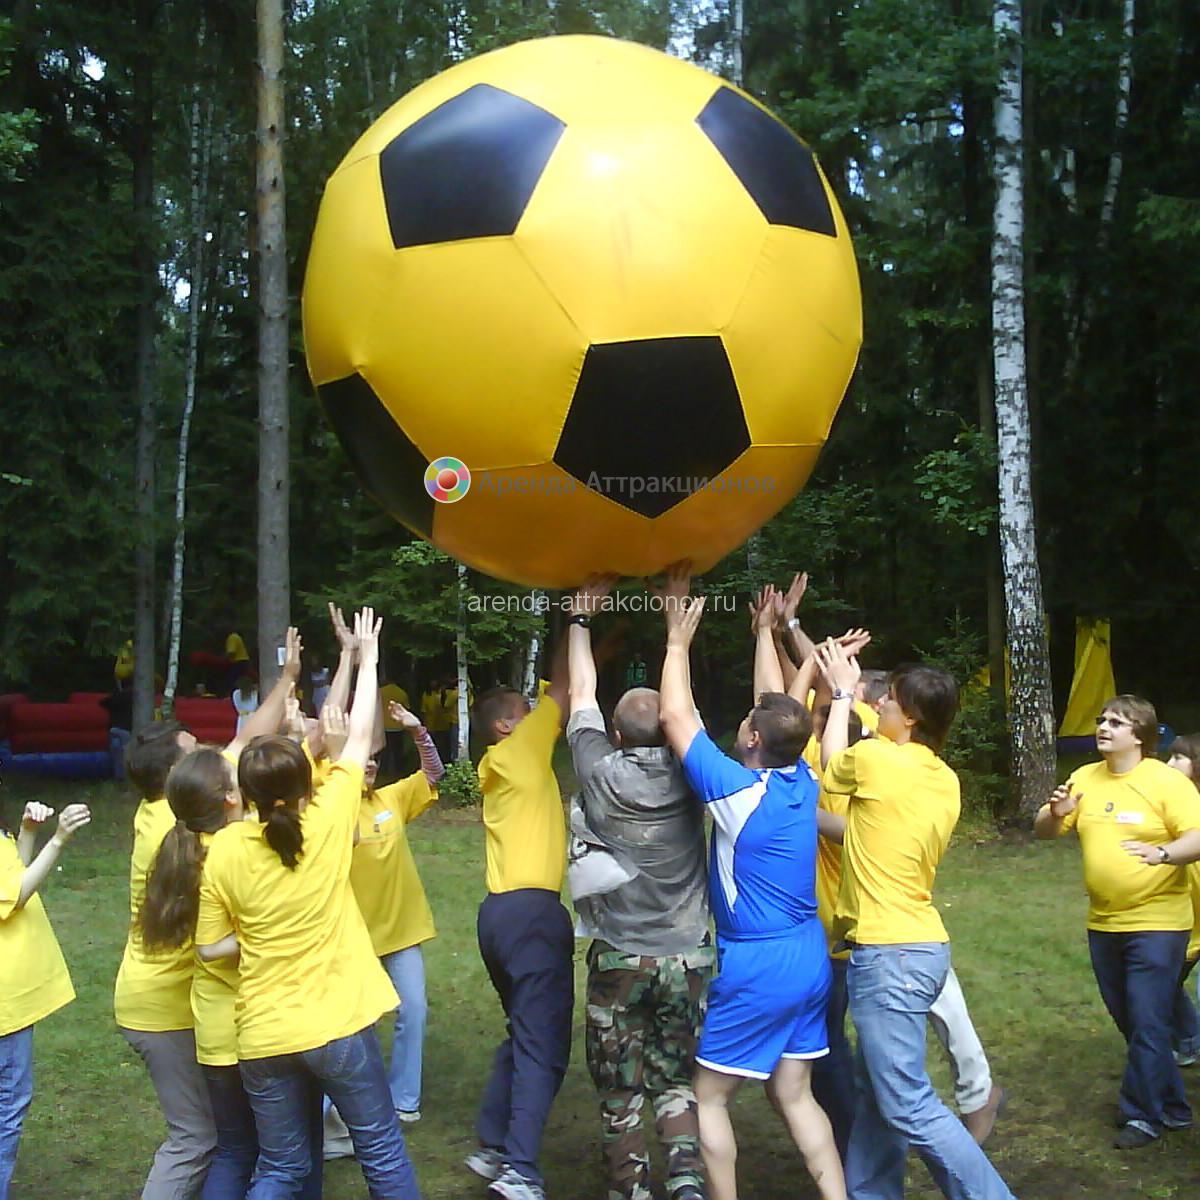 Гигантский футбольный мяч в аренду